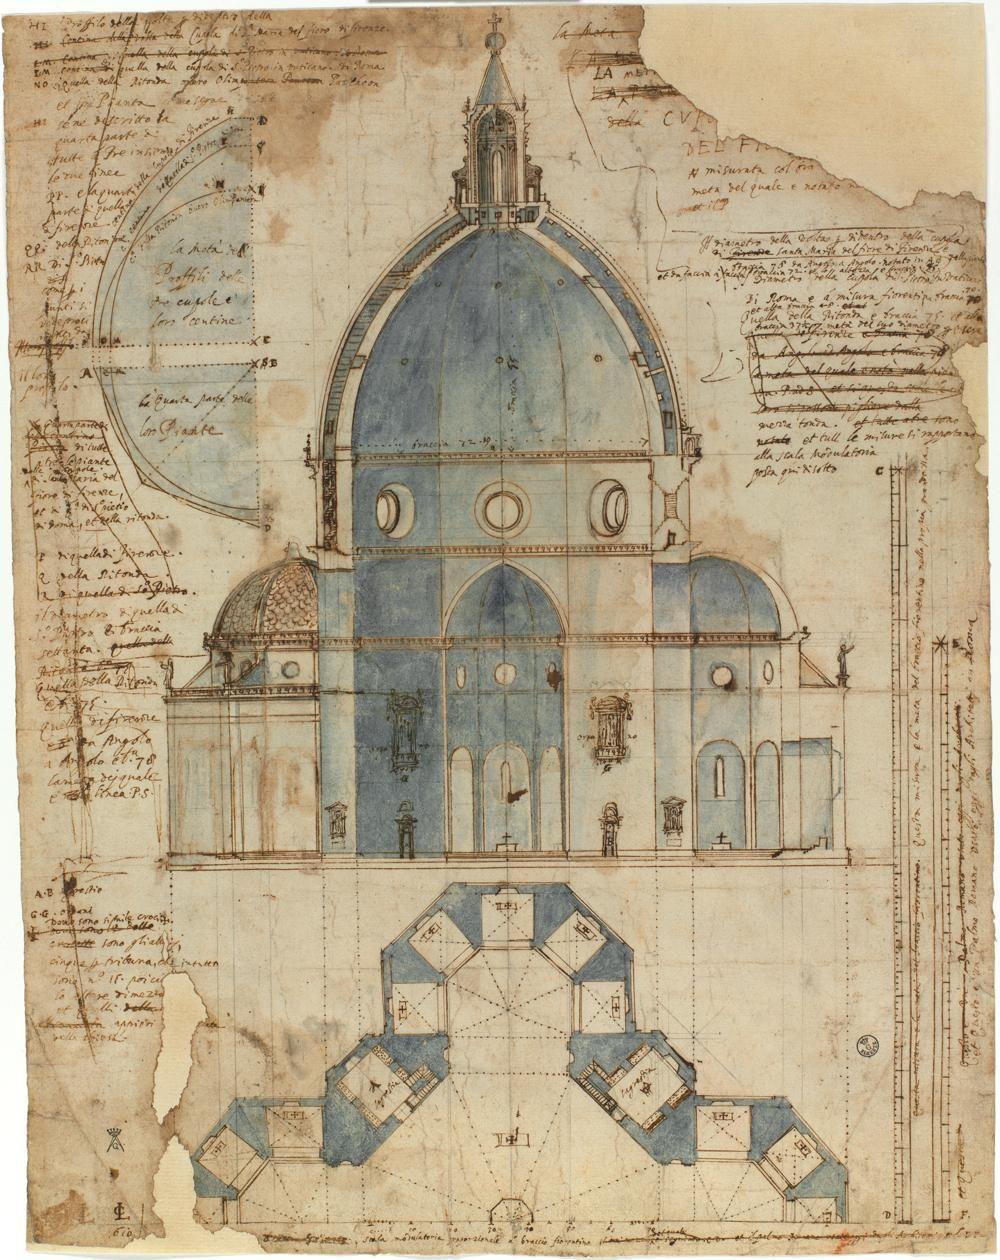 Cafe De Nuit Lodovico Cardi Detto Il Cigoli Cigoli Di San Miniato 1559 Roma 1613 Disegno De Architecture Drawing Renaissance Architecture Florence Dome